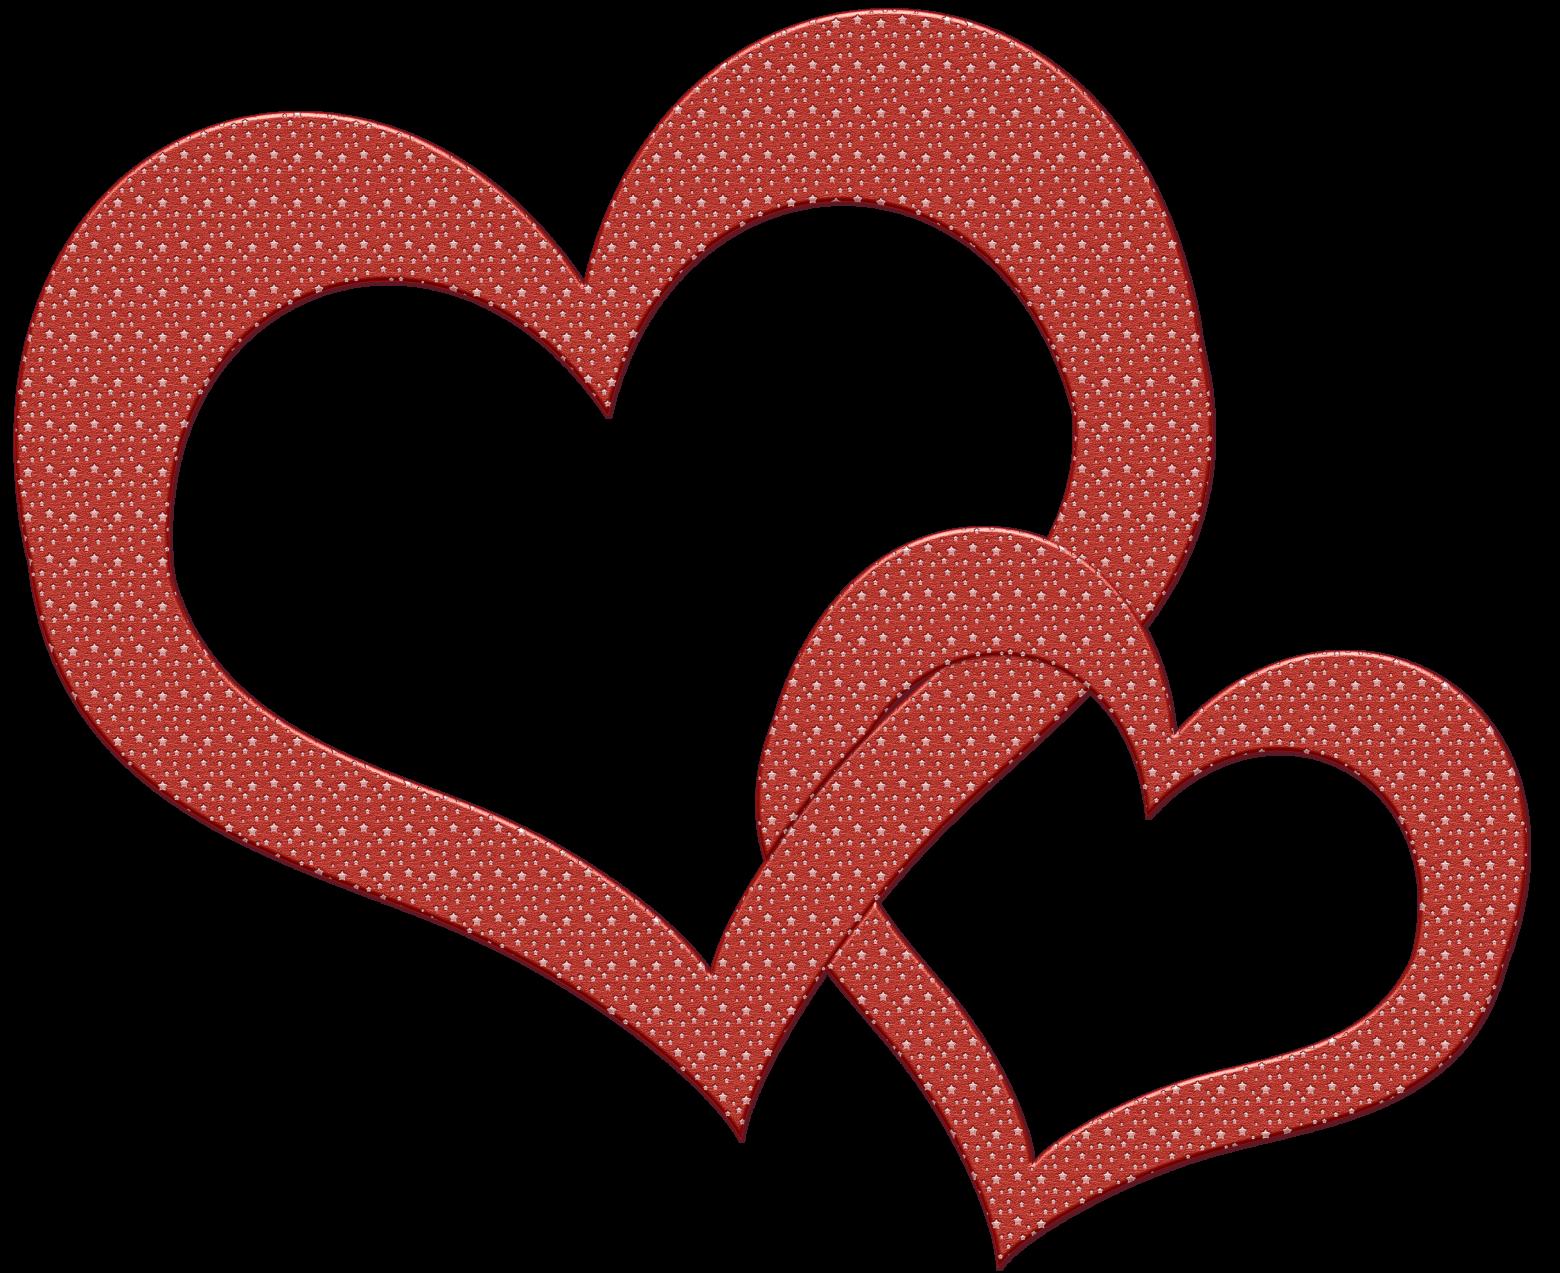 Clipart amour coeur entrelac images gratuites images - Images coeur gratuites ...